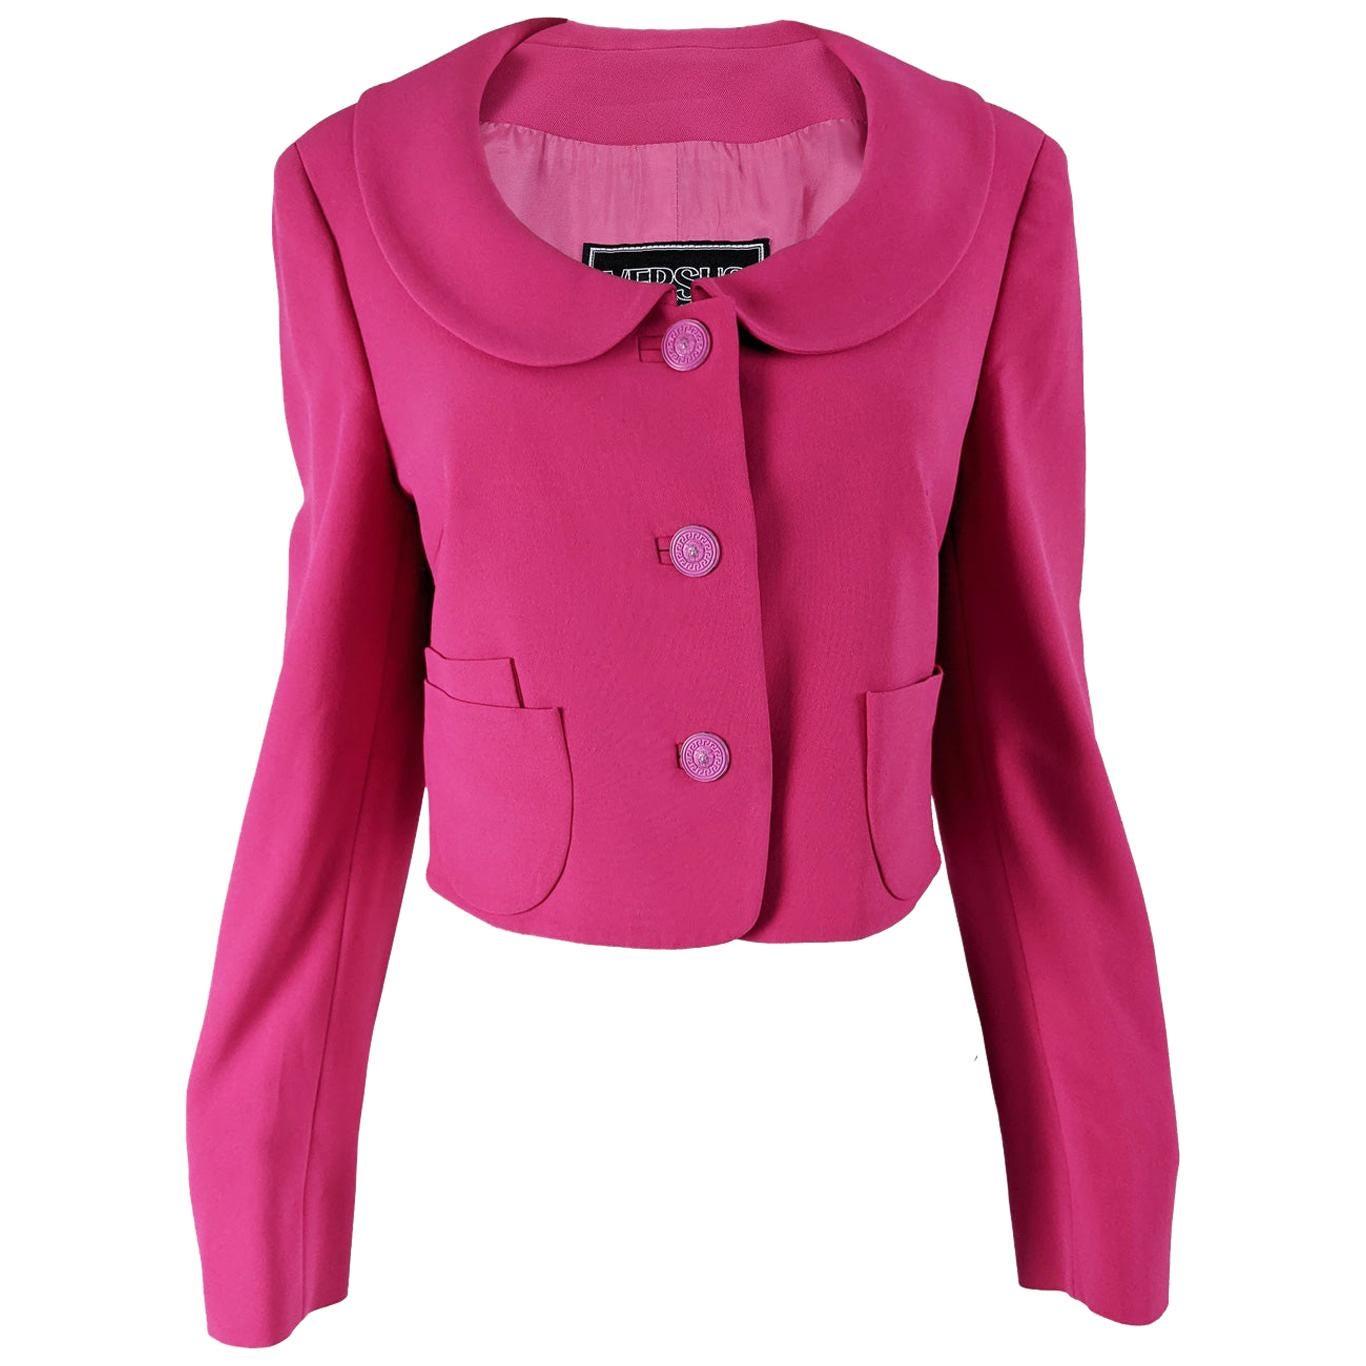 Gianni Versace Versus Vintage Pink Jacket